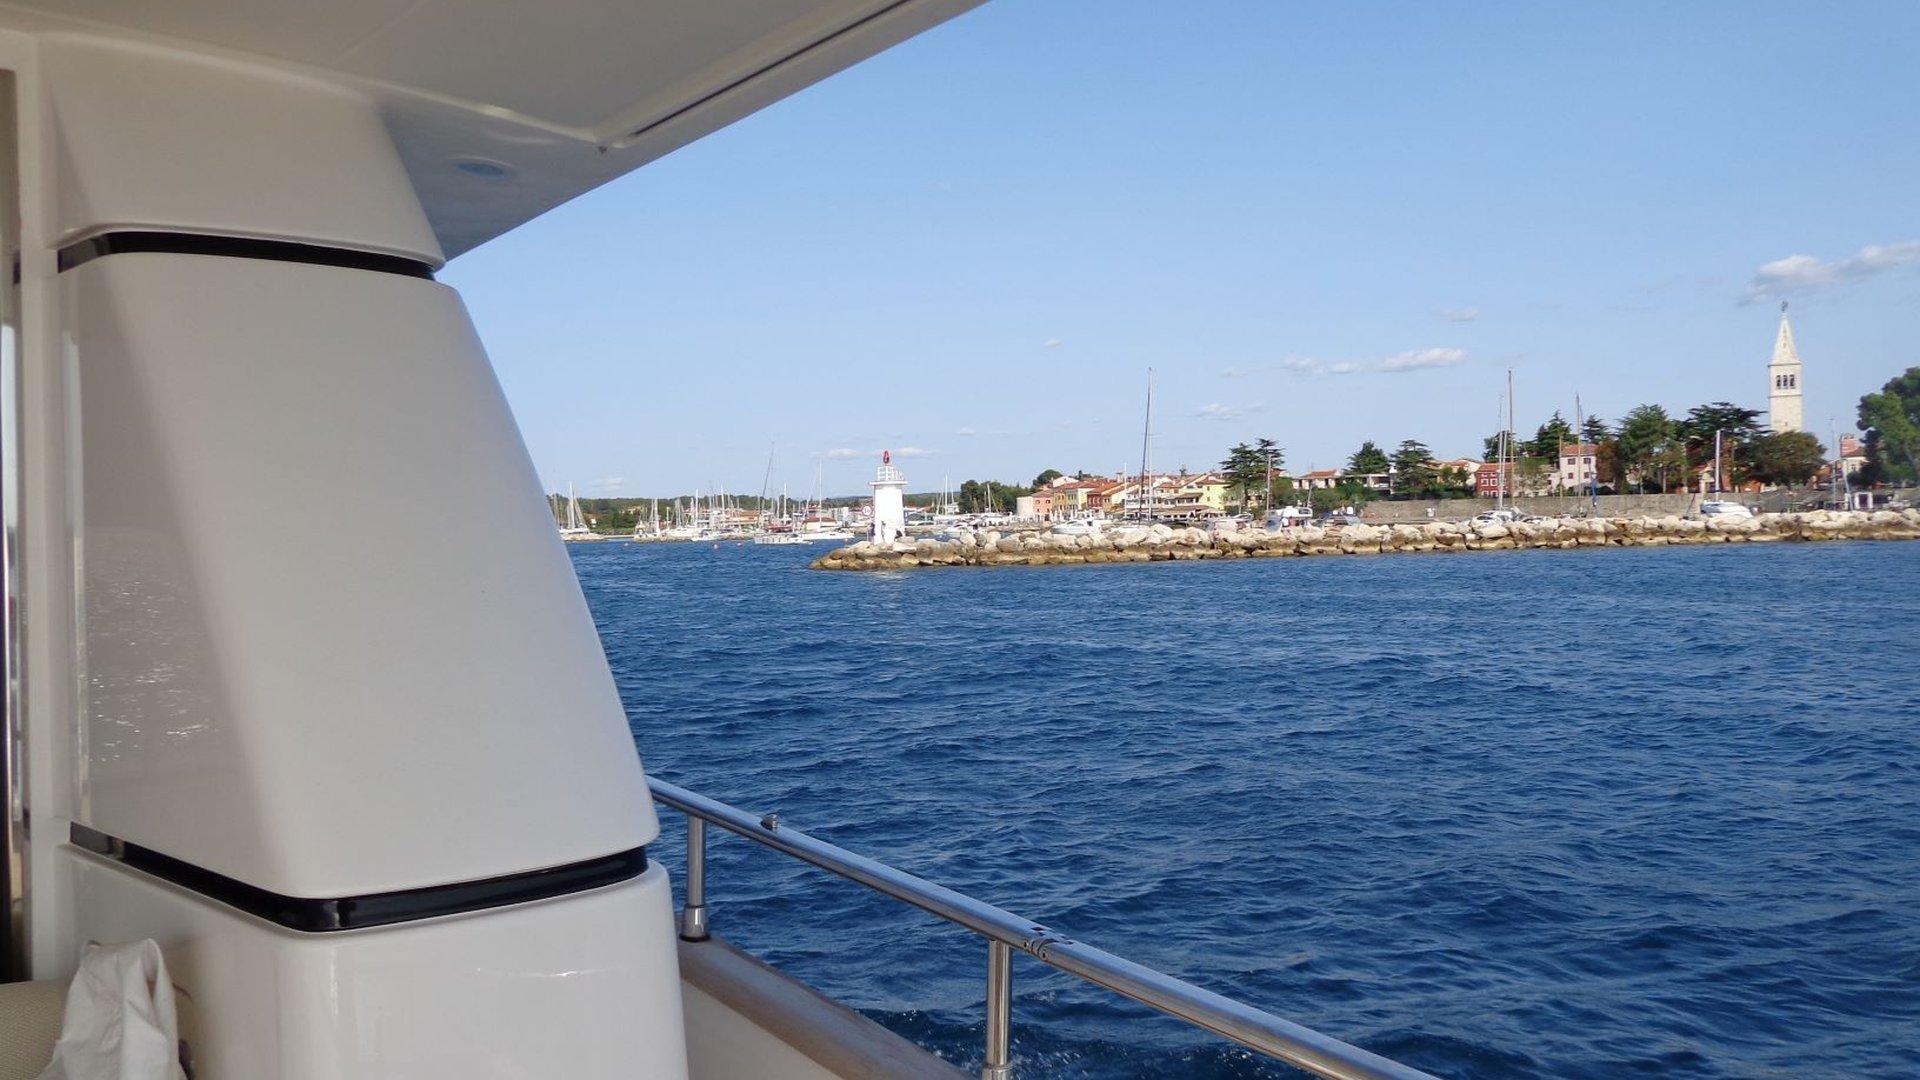 Terreno edificabile in prima linea  al mare in una posizione attraente vicino a Cittanova